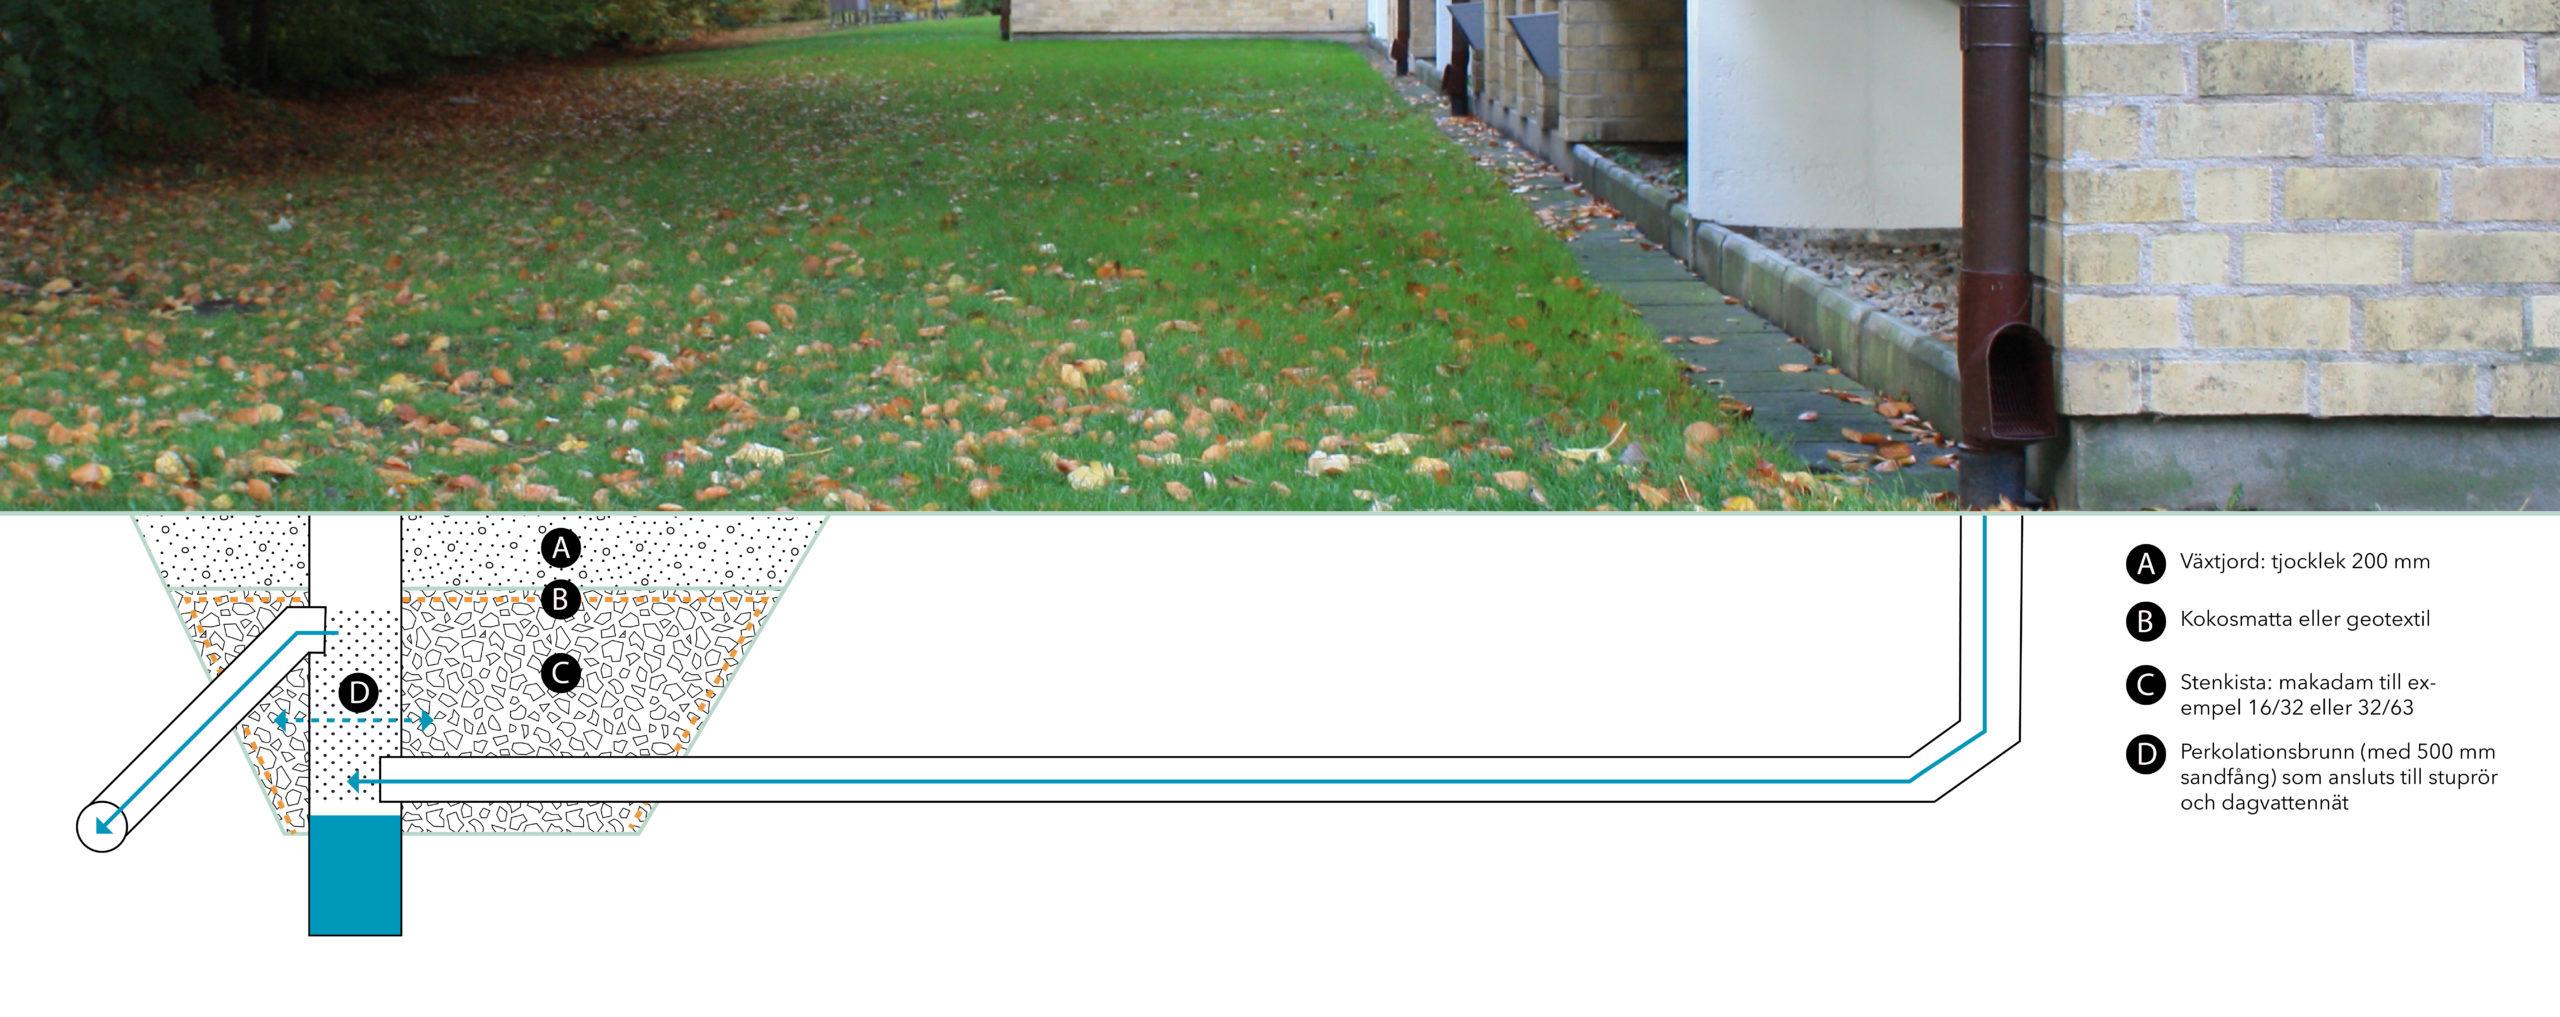 Gräsmatta med illustration över konstruktionen av en stenkista under mark